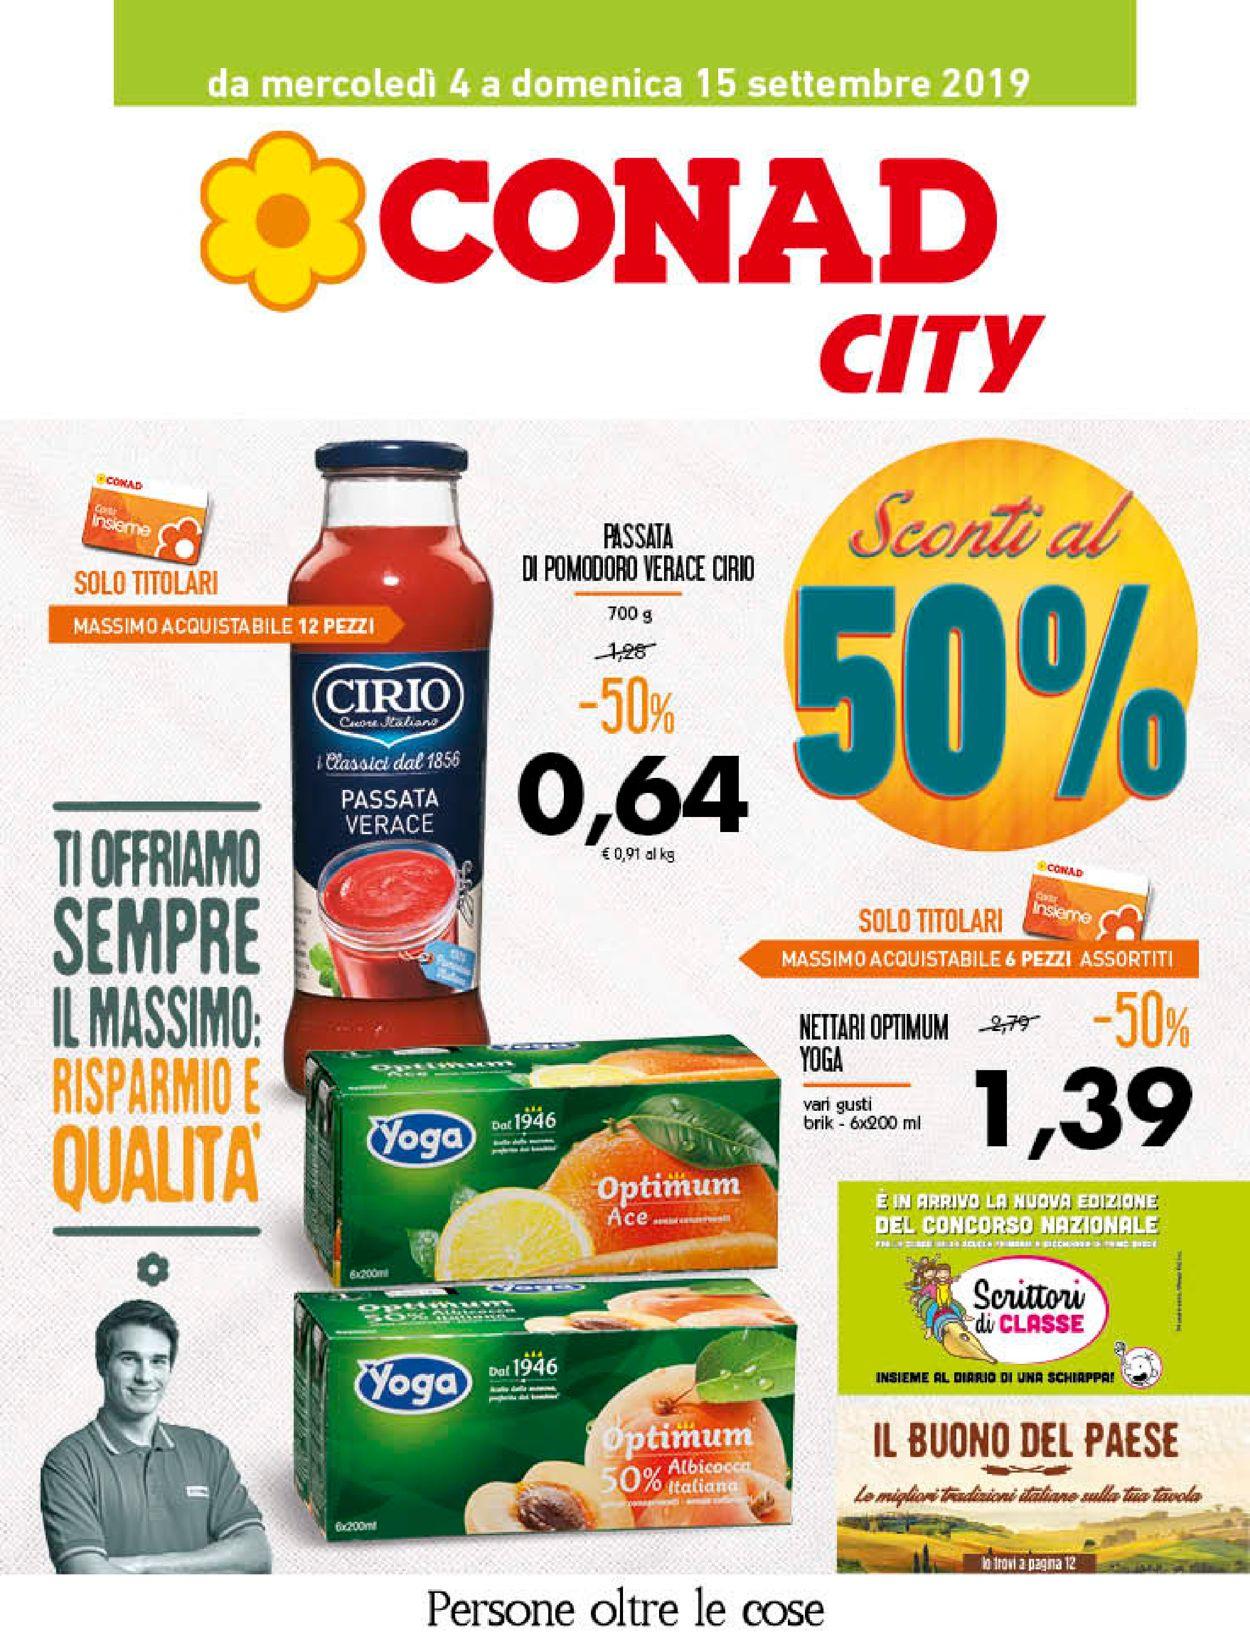 Volantino Conad - Offerte 04/09-15/09/2019